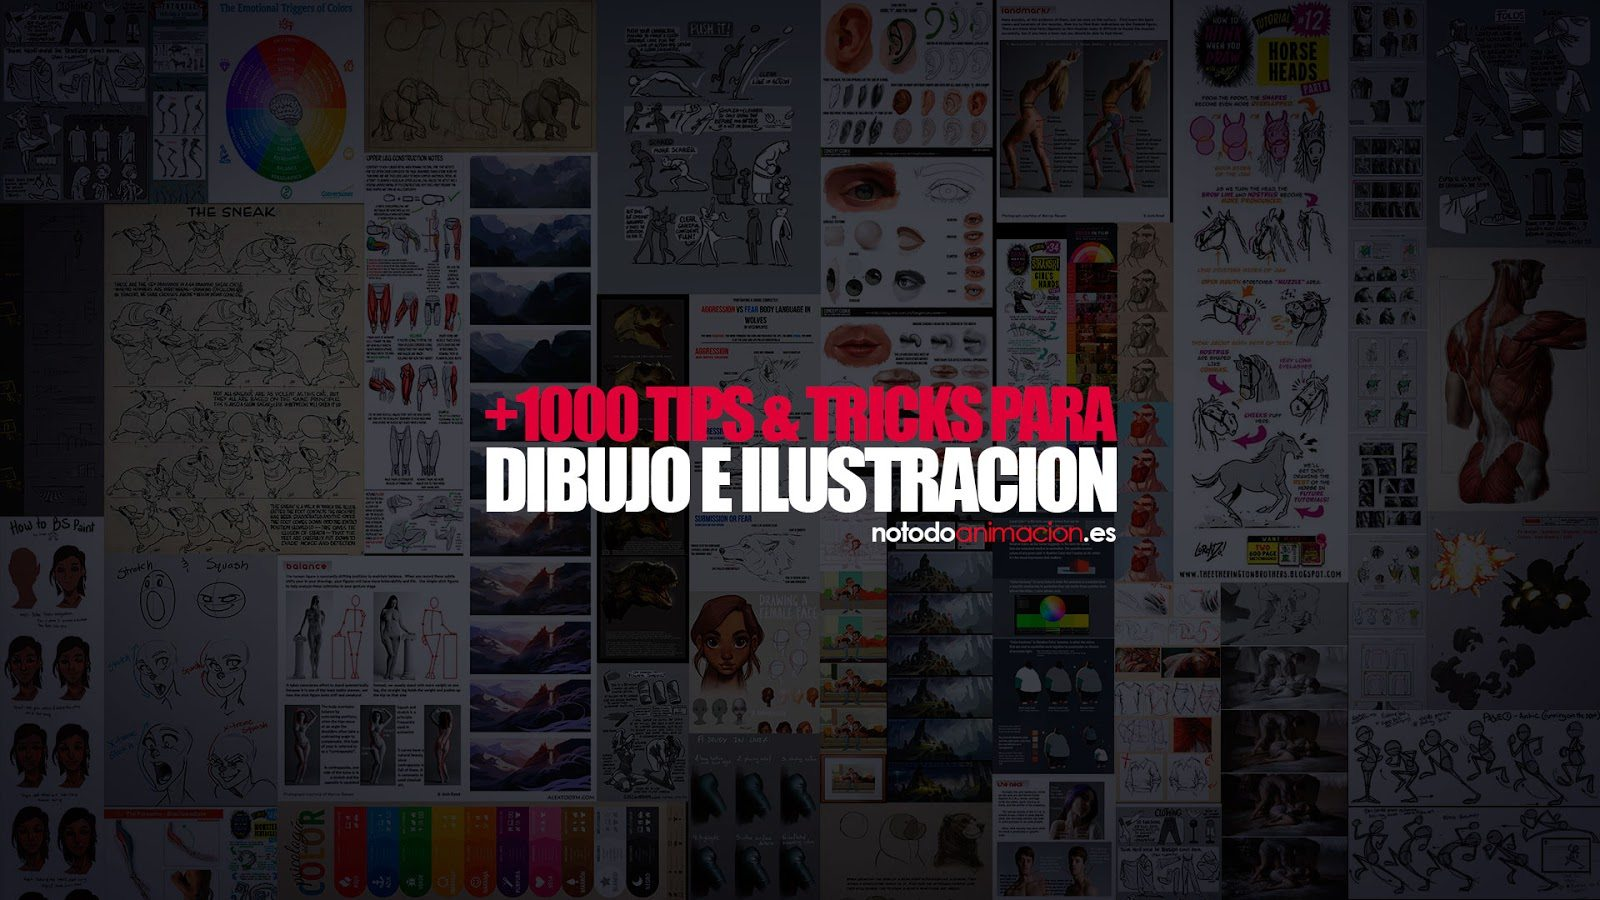 Tips para Dibujar todo lo que quieras -¿Como dibujar? Tutorials & Tips para Dibujo, Composición, teorias de Color, Curvas de Acción, Anatomía, Iluminación